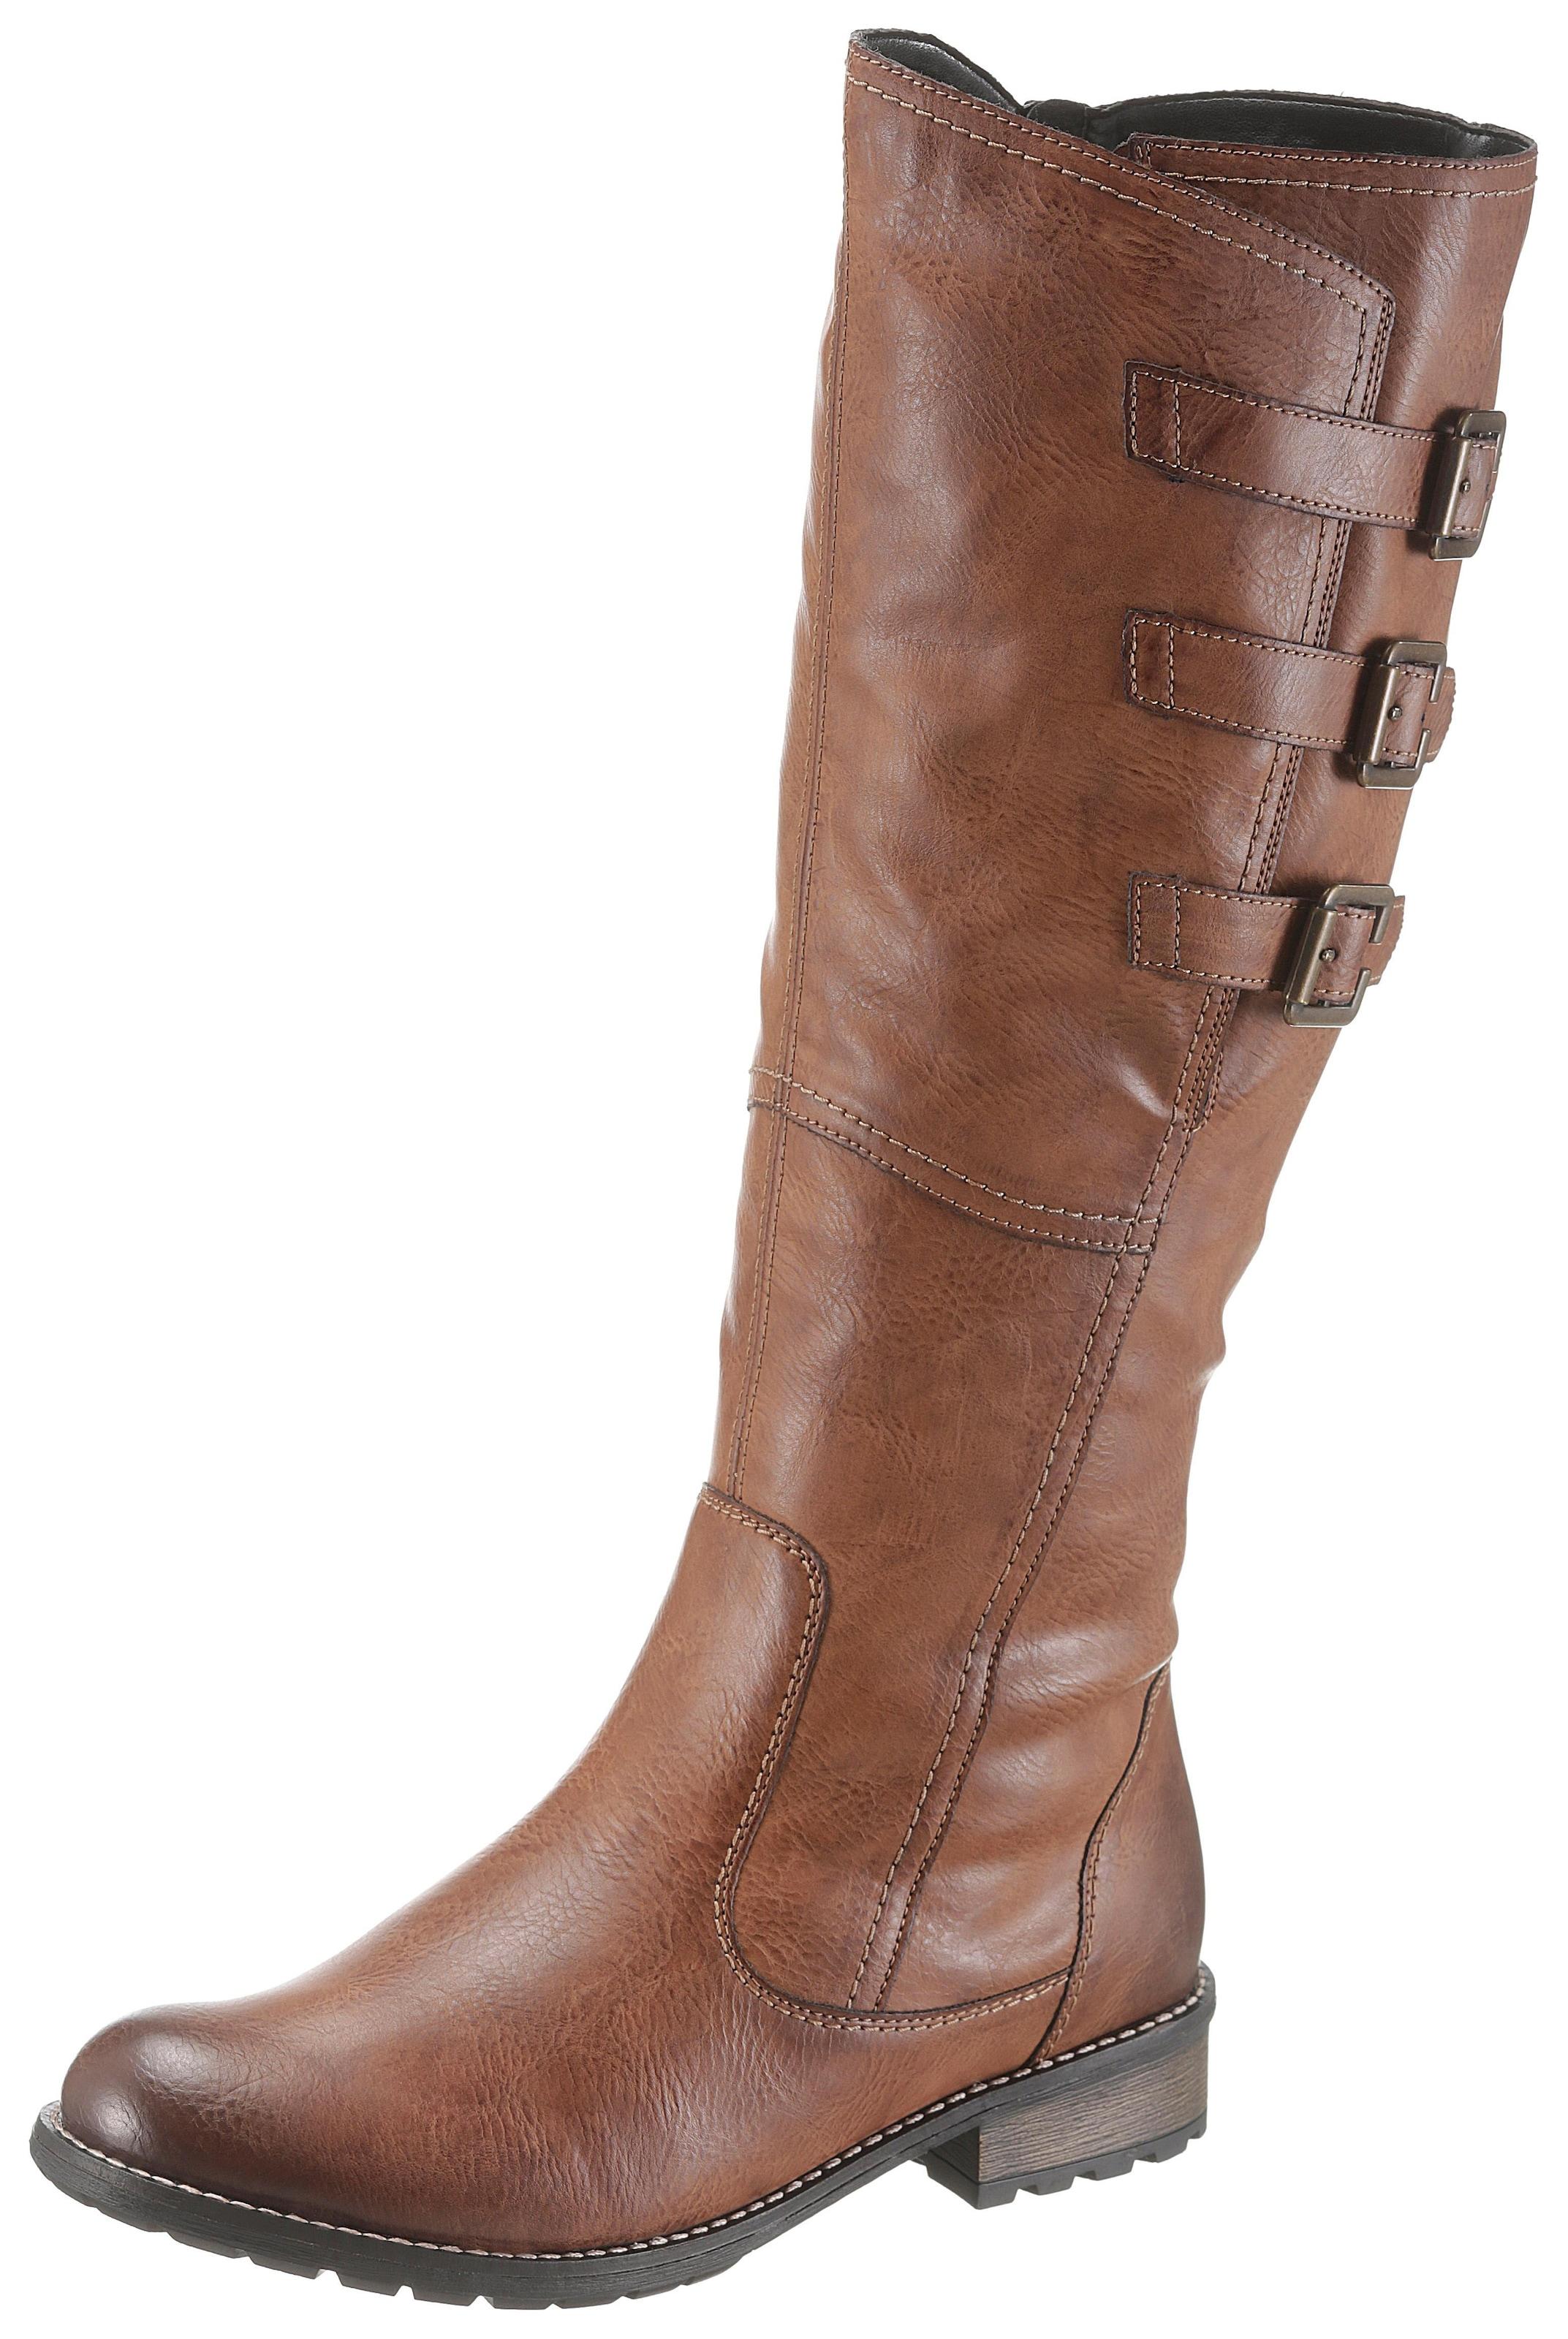 Remonte Stiefel mit Varioschaft online kaufen | BAUR